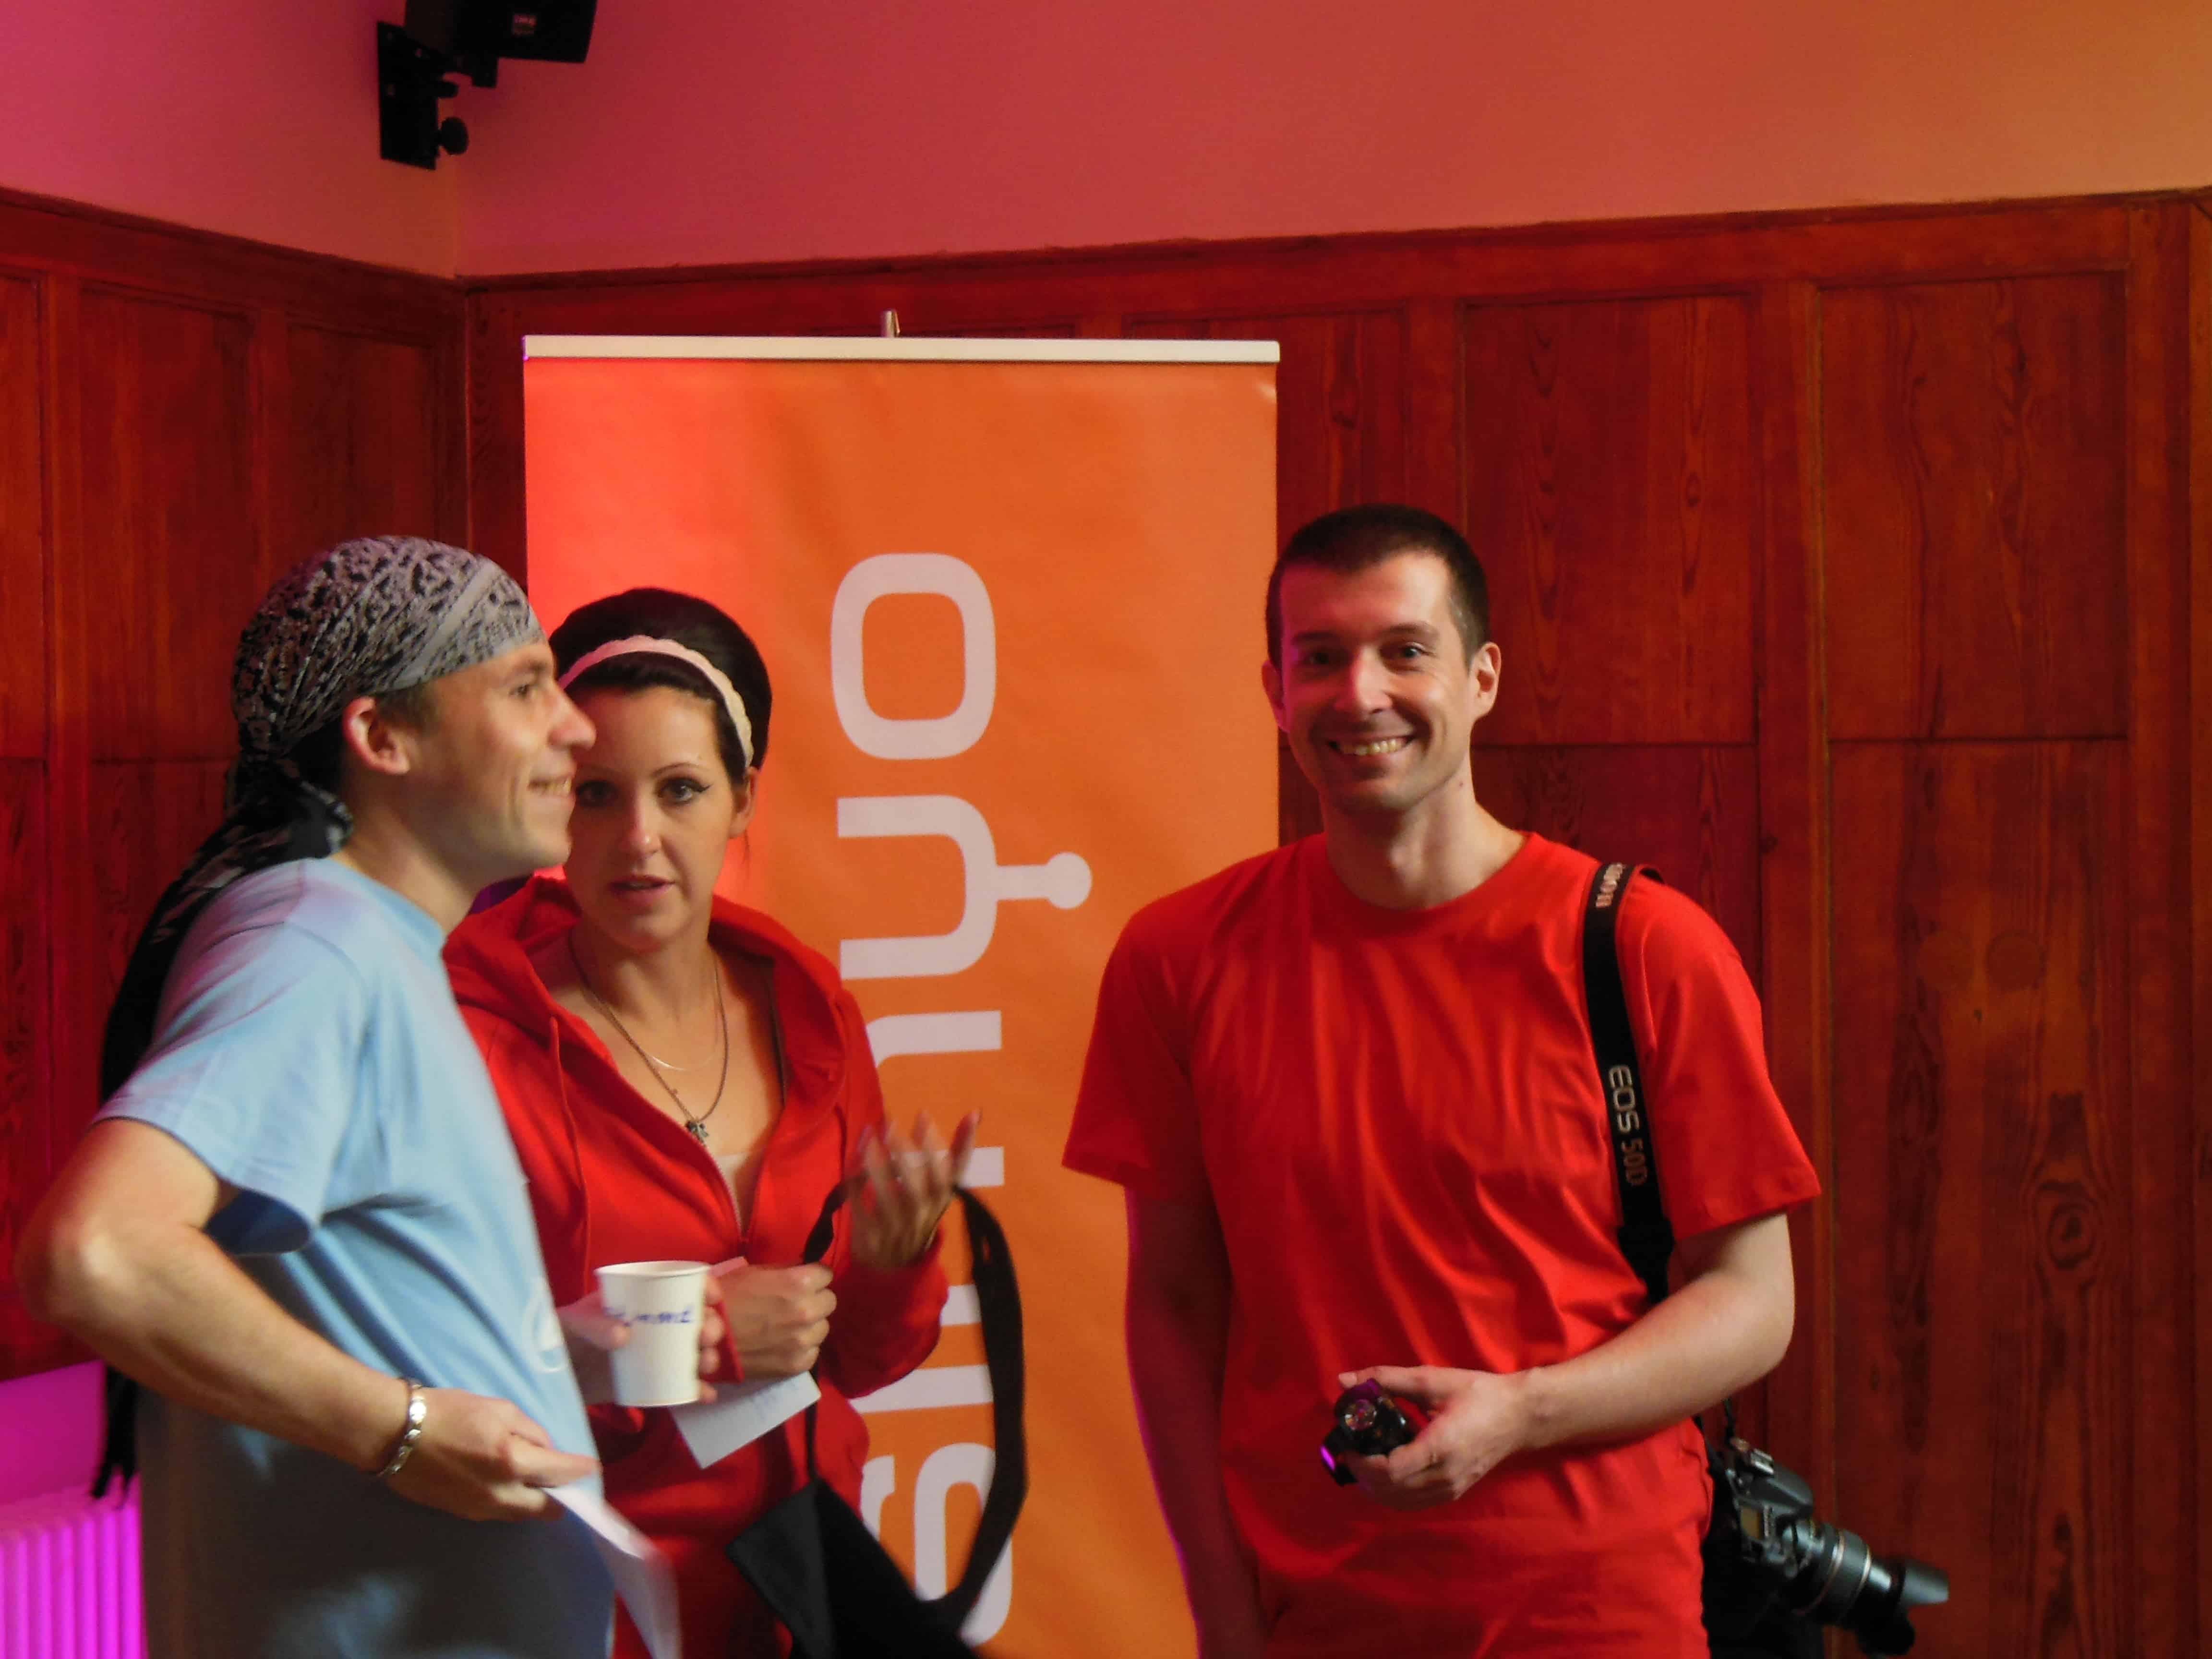 Barcamp Mitteldeutschland in Jena